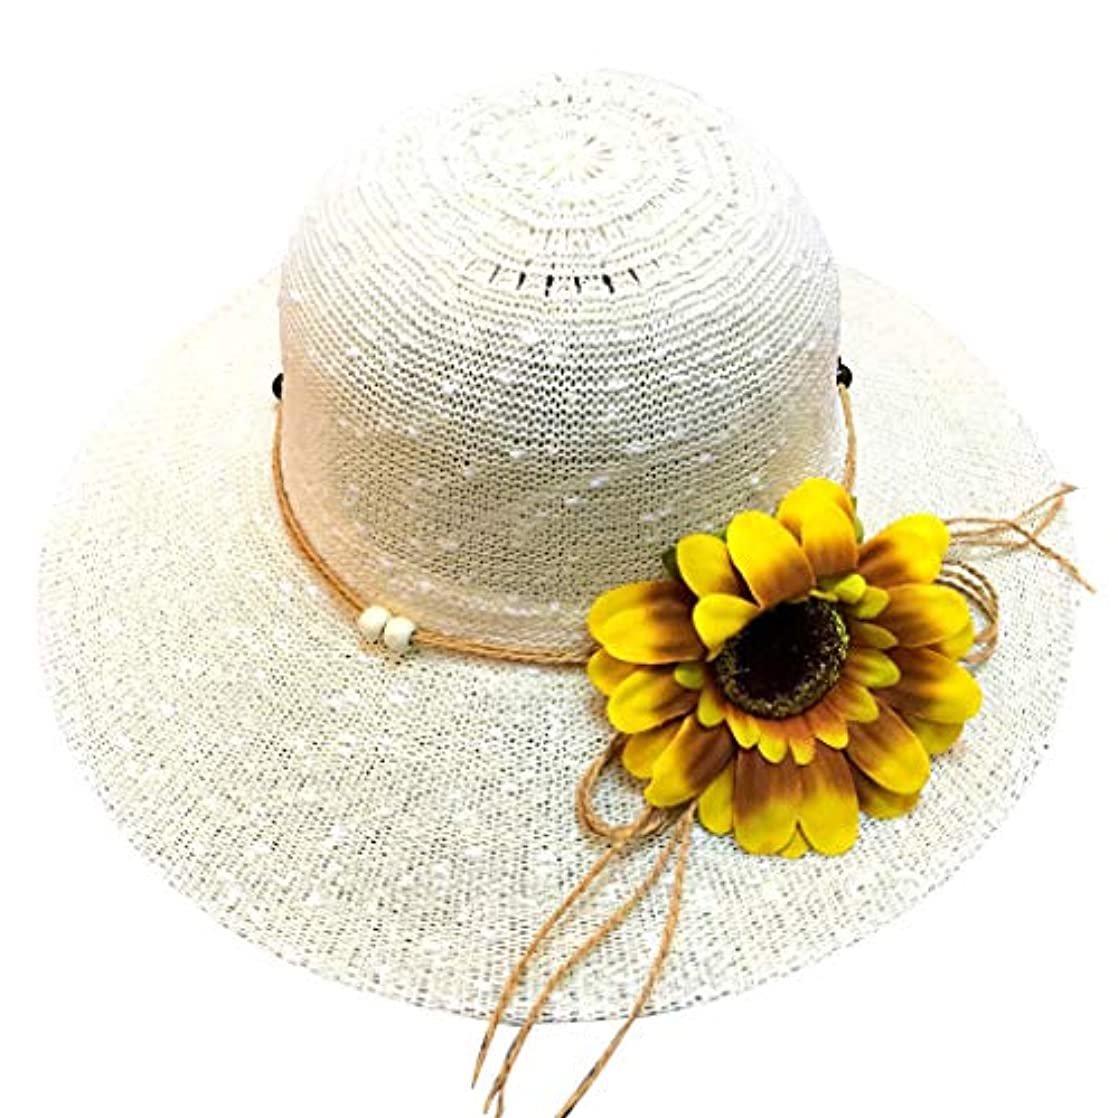 ペフジャンピングジャック中絶帽子 レディース アウトドア 夏 春 UVカット 帽子 ハット 漁師帽 日焼け防止 つば広 紫外線対策 大きいサイズ ひまわり 可愛い ハット 旅行用 日よけ 夏季 ビーチ 無地 ハット レディース 女性 ROSE ROMAN